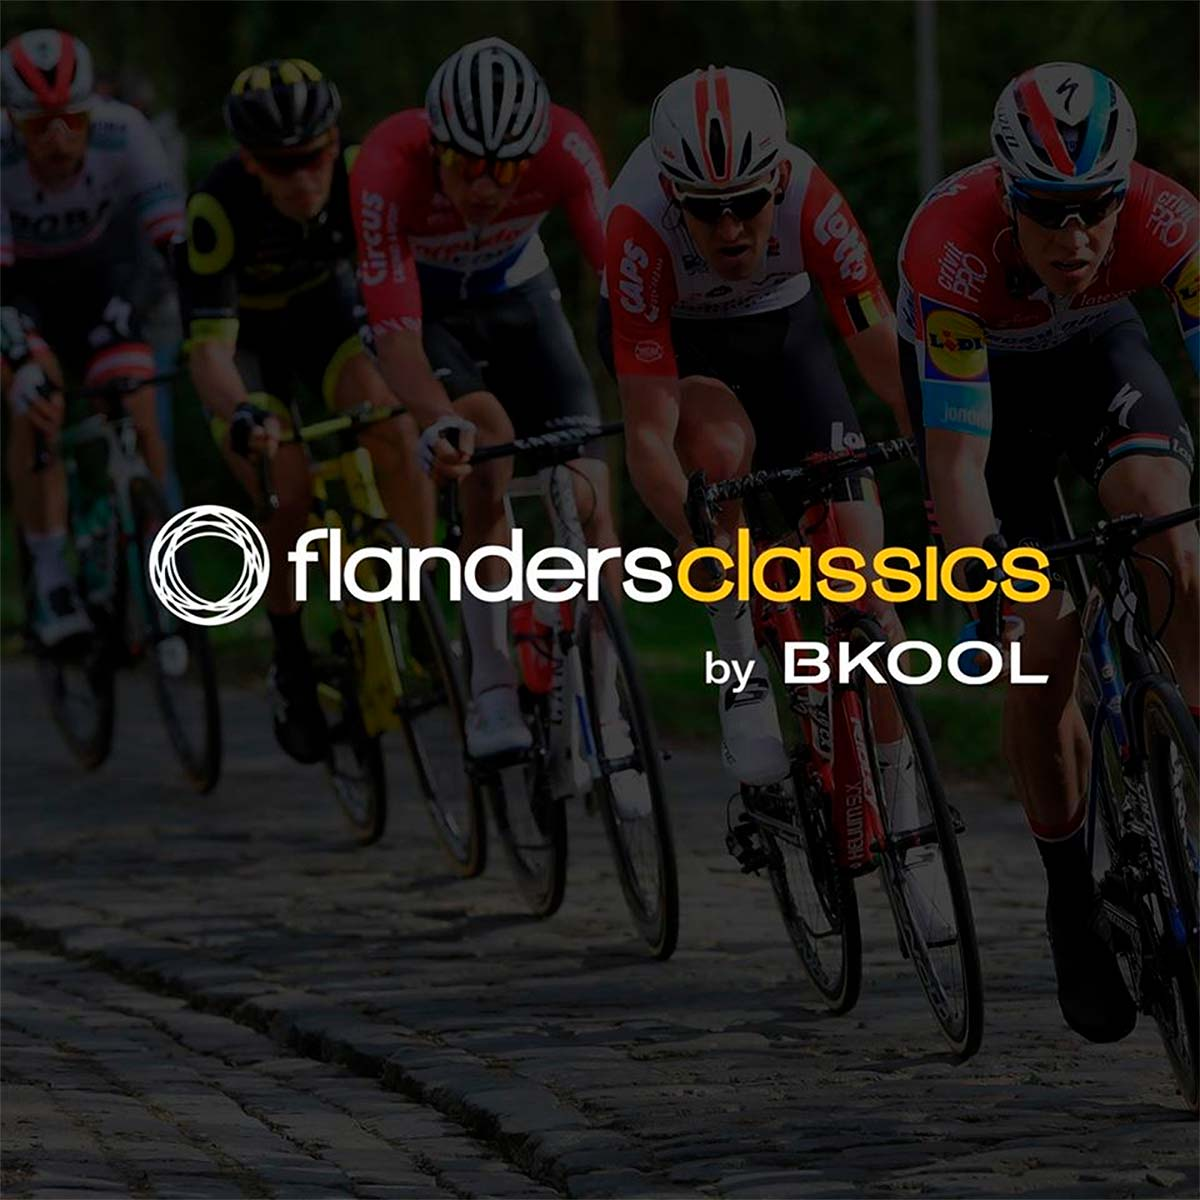 Flanders Classics by Bkool, o cómo disputar las clásicas belgas desde el salón de casa